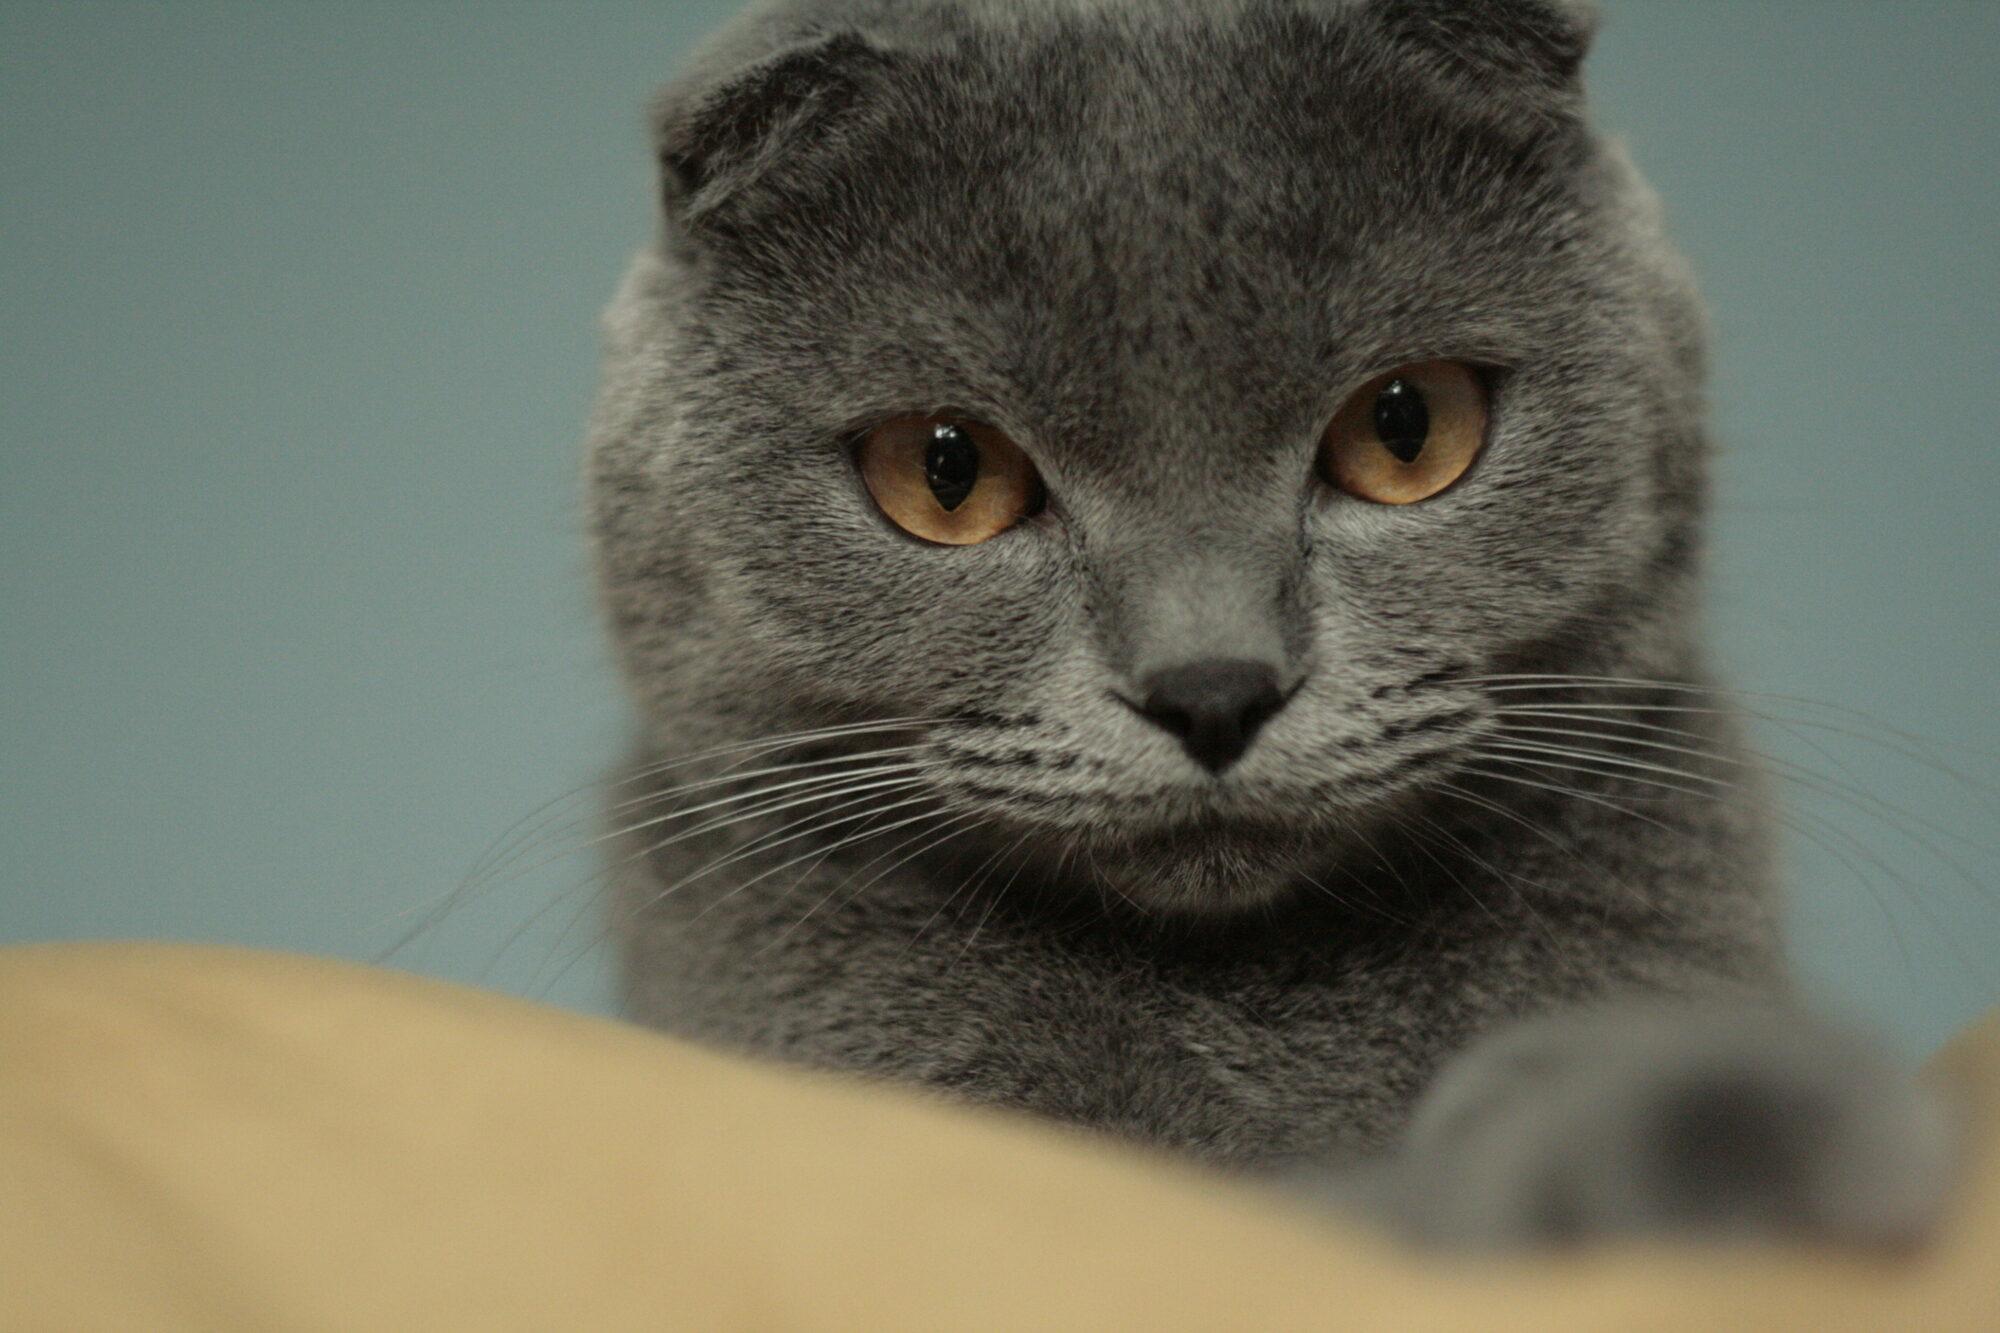 Сьогодні у Європі святкують Міжнародний День кота - тварина, коти, Європа - Yzobrazhenye007 2000x1333